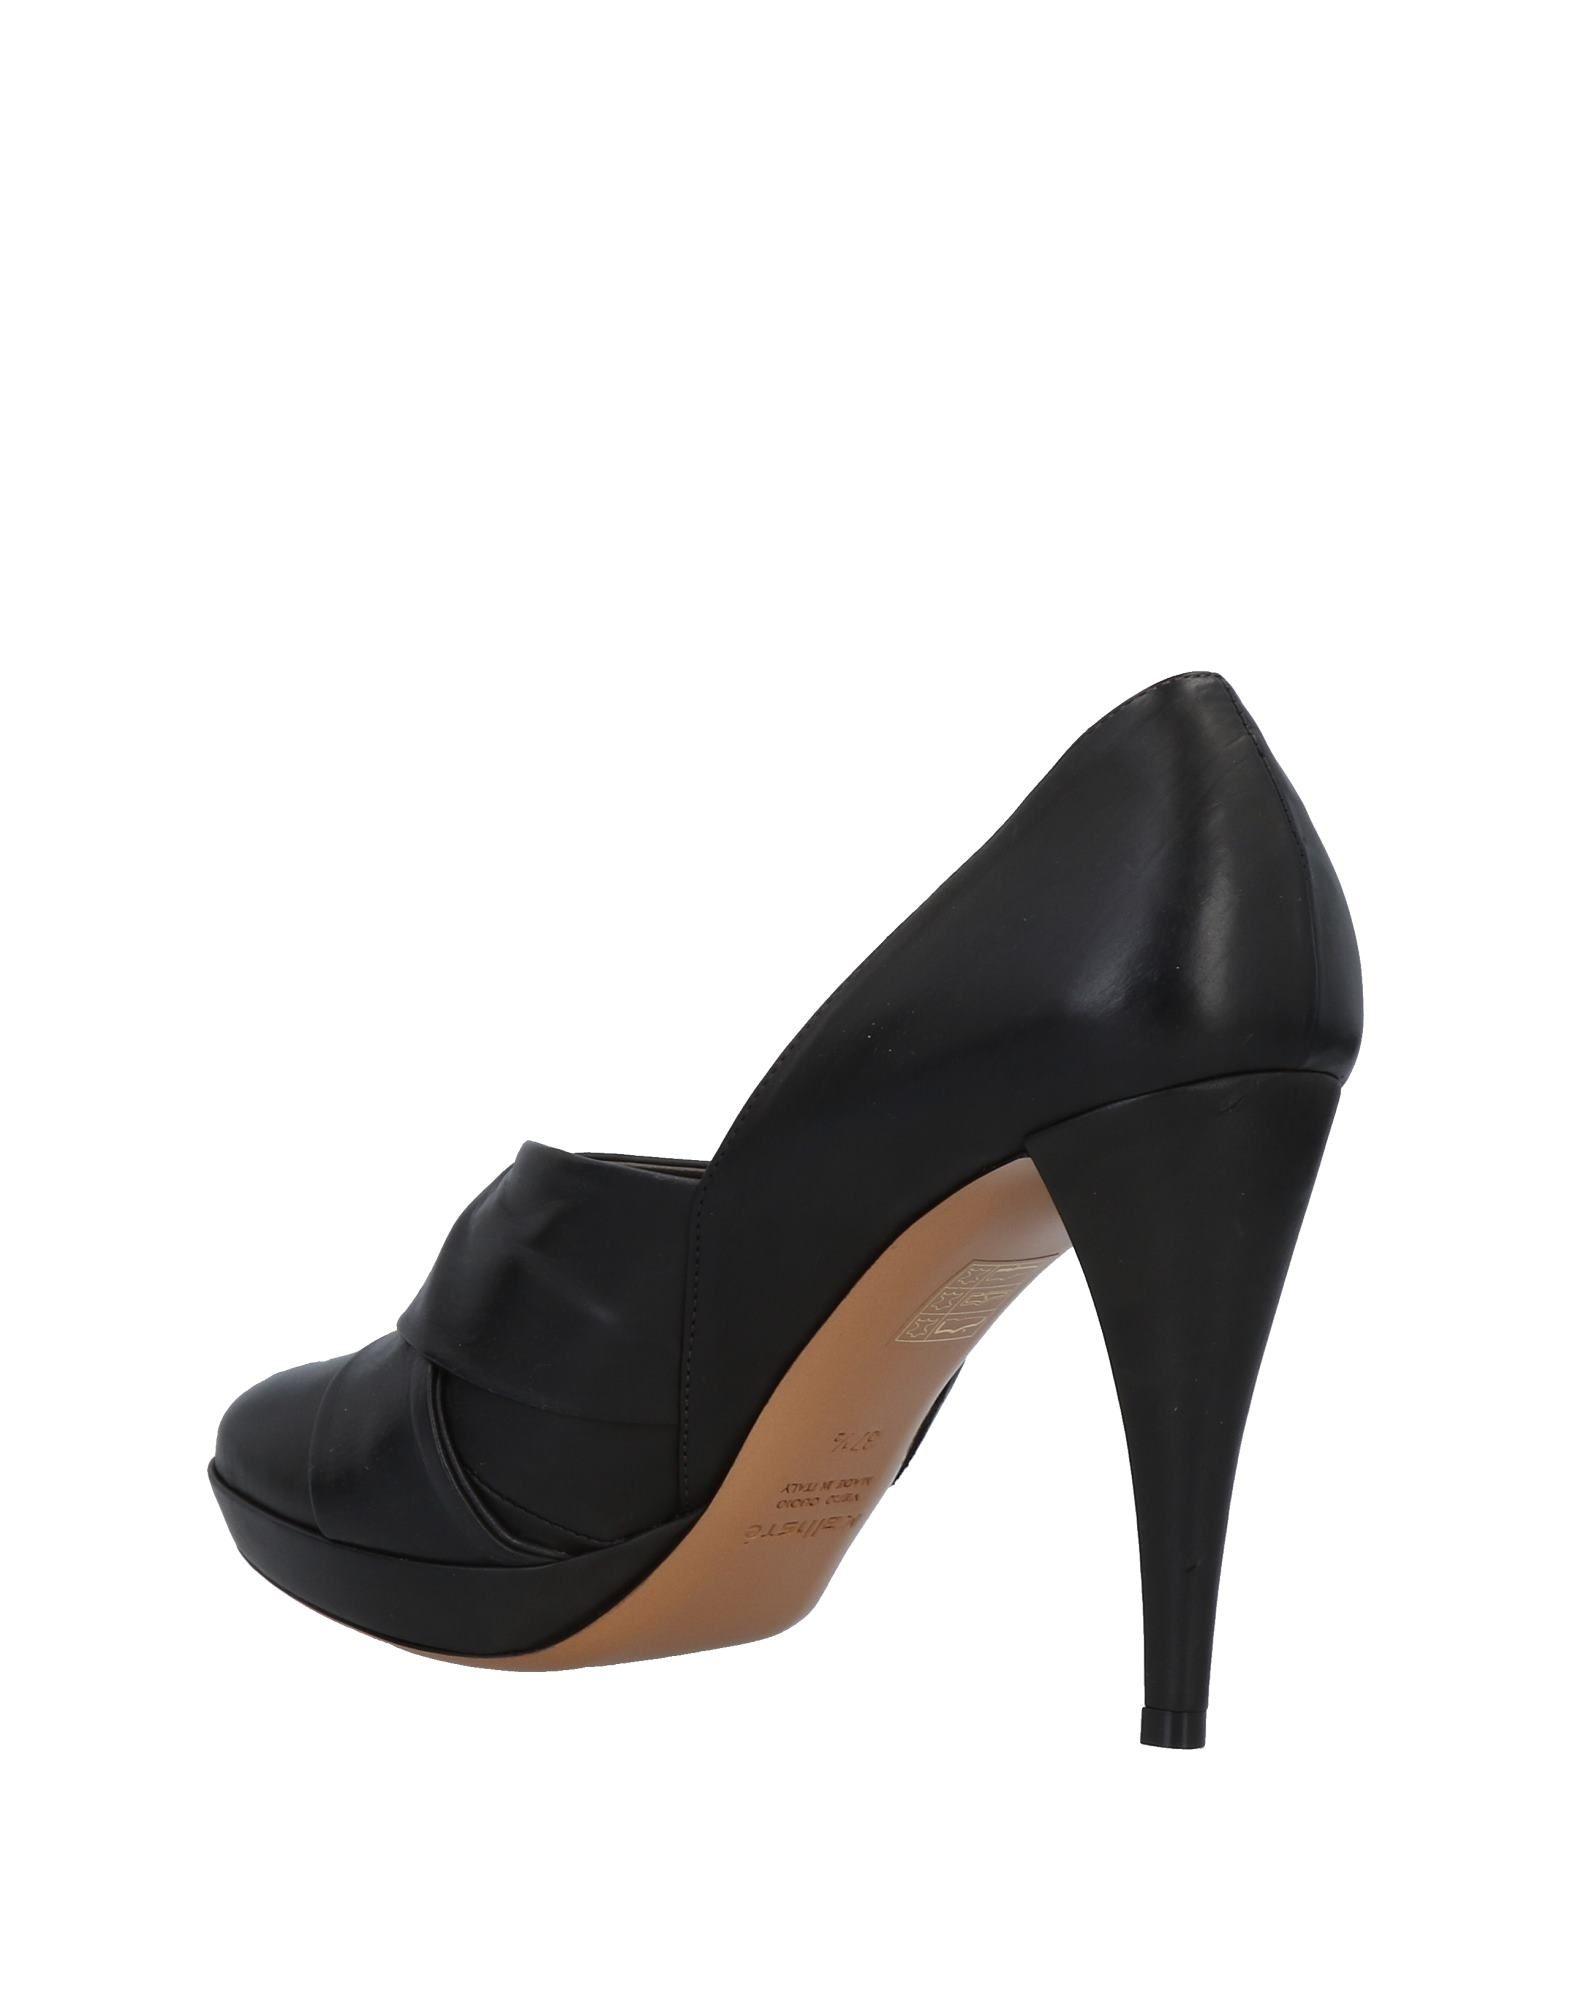 fe0189443989 ... Kallistè Pumps Qualität Damen 11491992NW Gute Qualität Pumps beliebte  Schuhe dcf283 ...